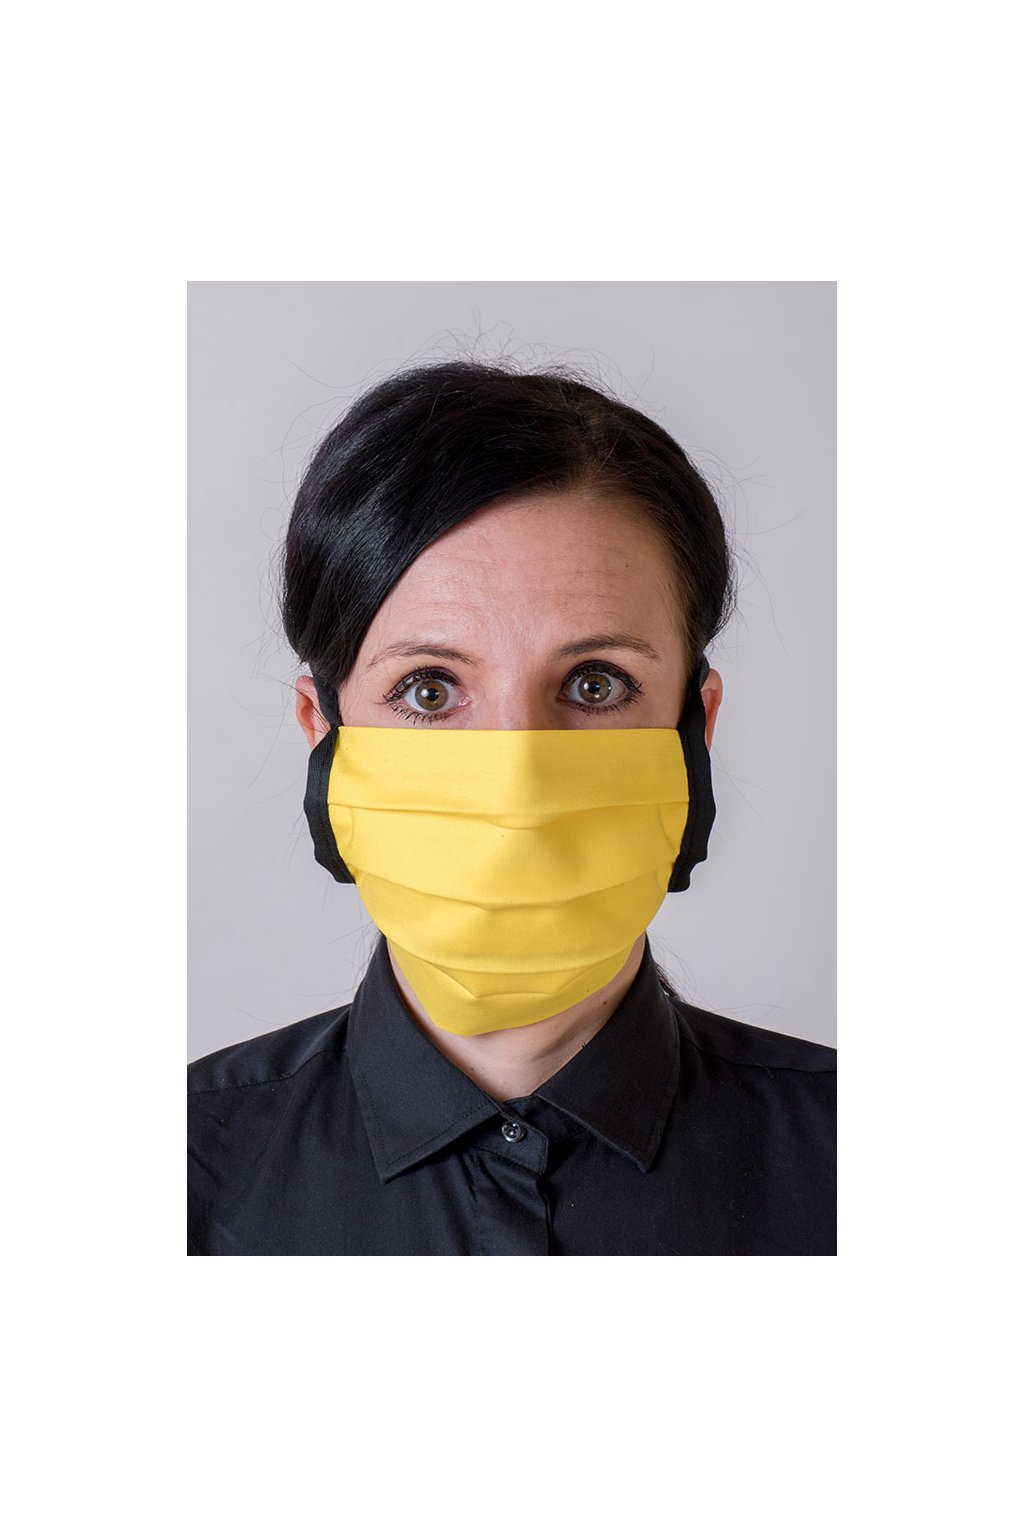 Bavlněná rouška na ústa a nos dvouvrstvá skládaná s kapsou, se šňůrami z keprové stuhy, 797-211, Žlutá